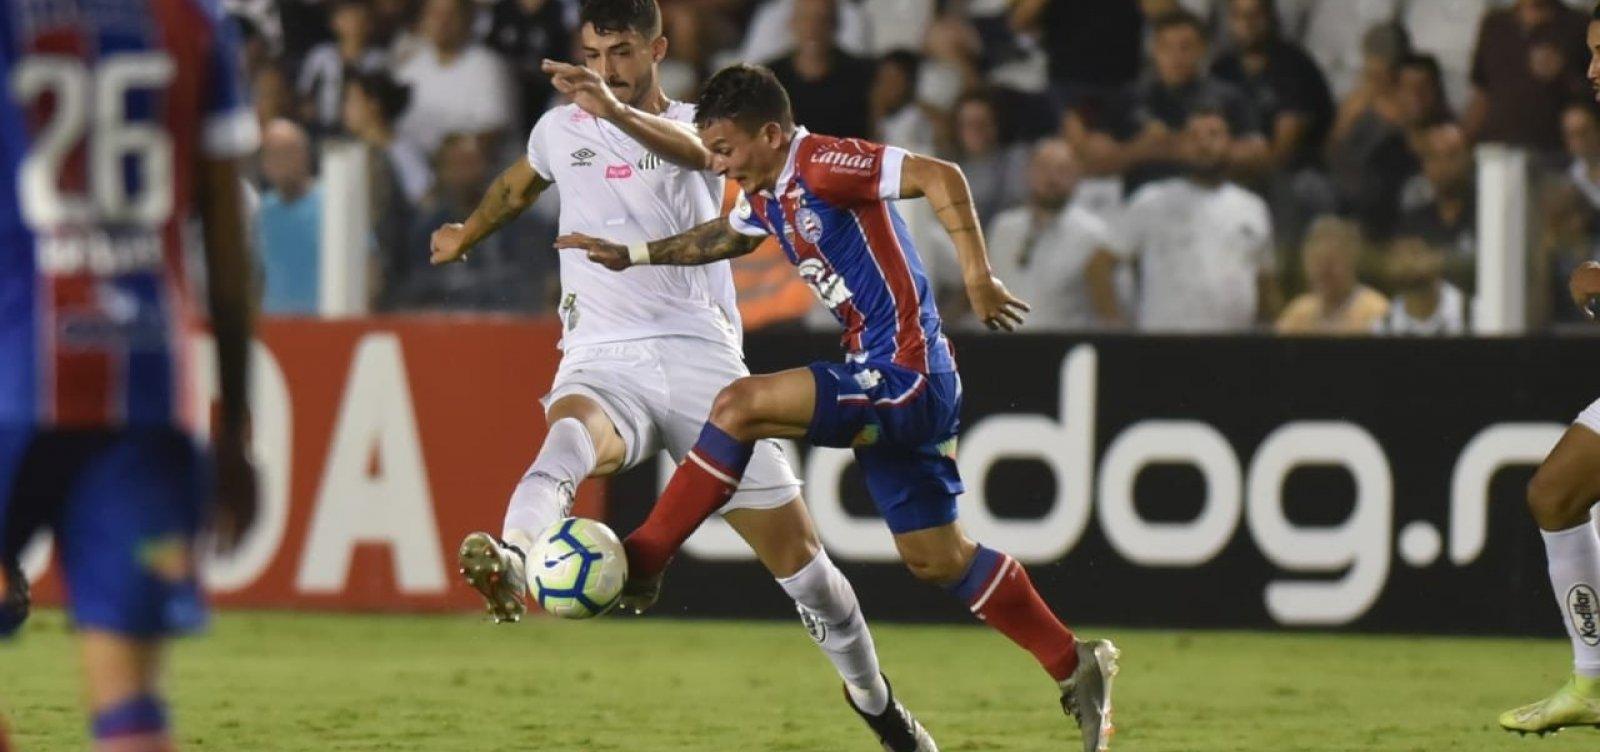 Bahia perde para o Santos e soma terceira derrota consecutiva na Série A